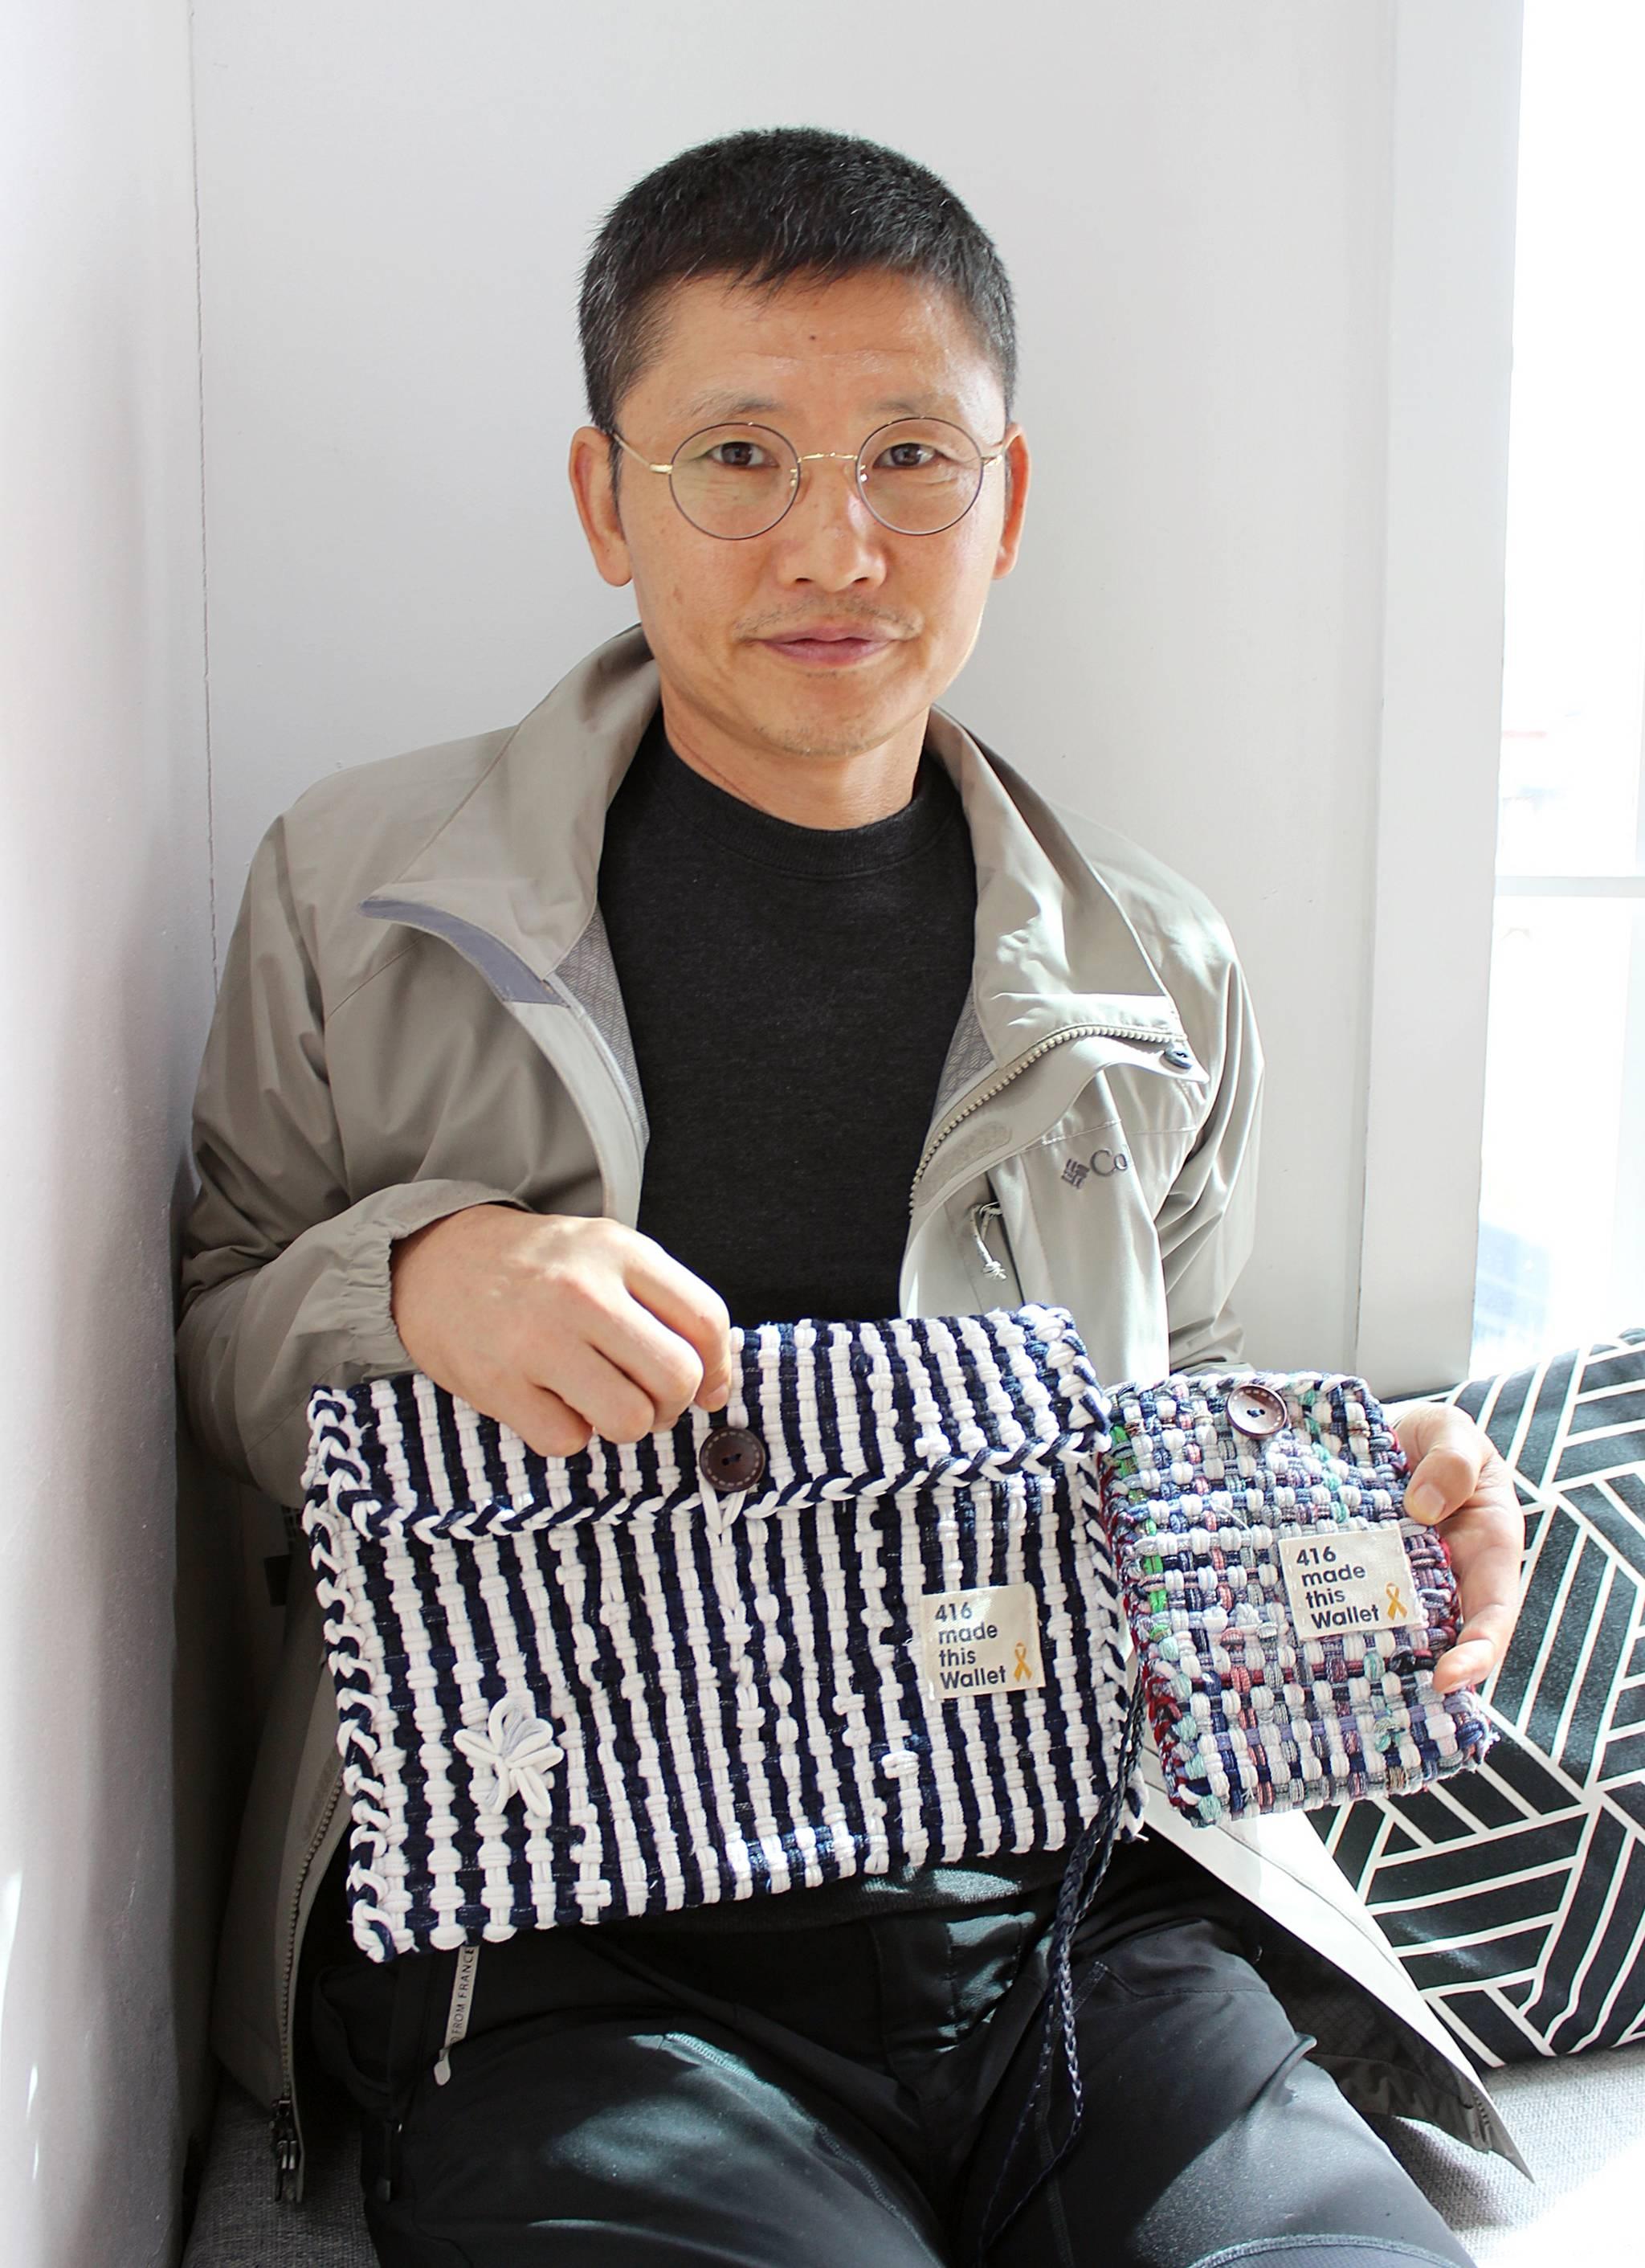 '파란바지의 의인'으로 불리는 제주지역 세월호 생존자 김동수(53)씨. 본인이 직접 뜨개질을 해서 만든 파우치를 들어보이고 있다. [뉴스1]